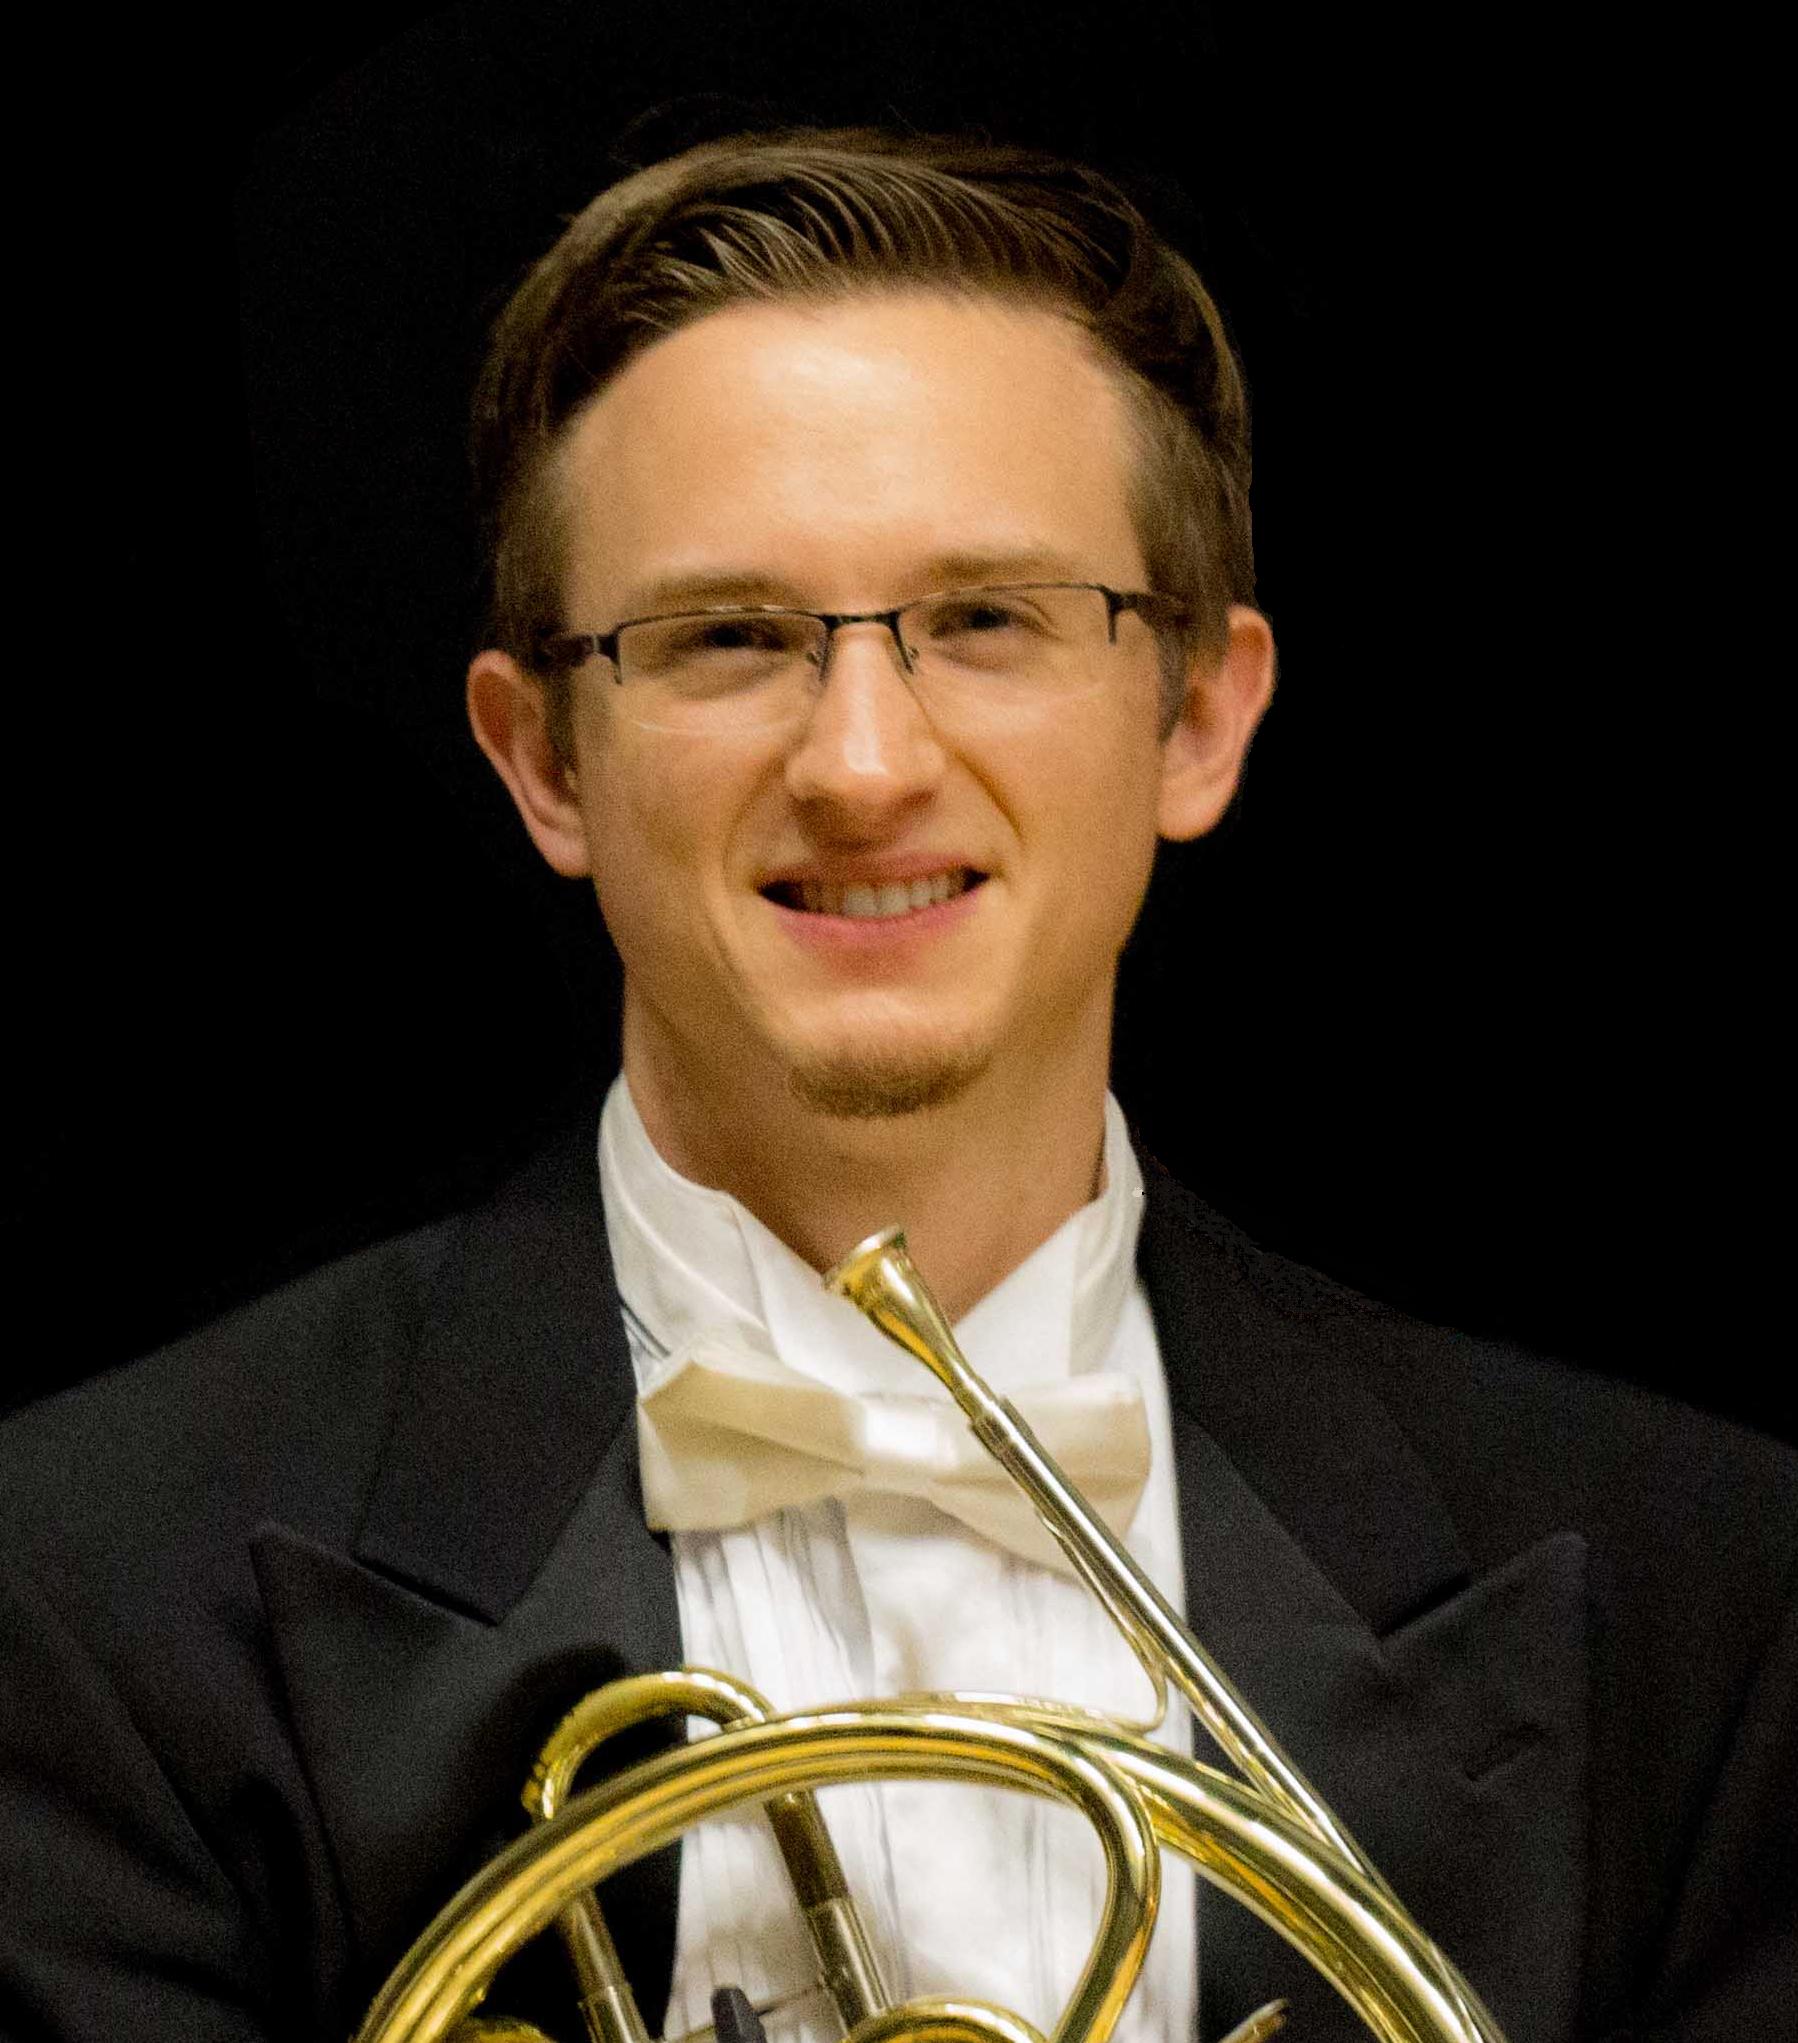 James Ferree, horn